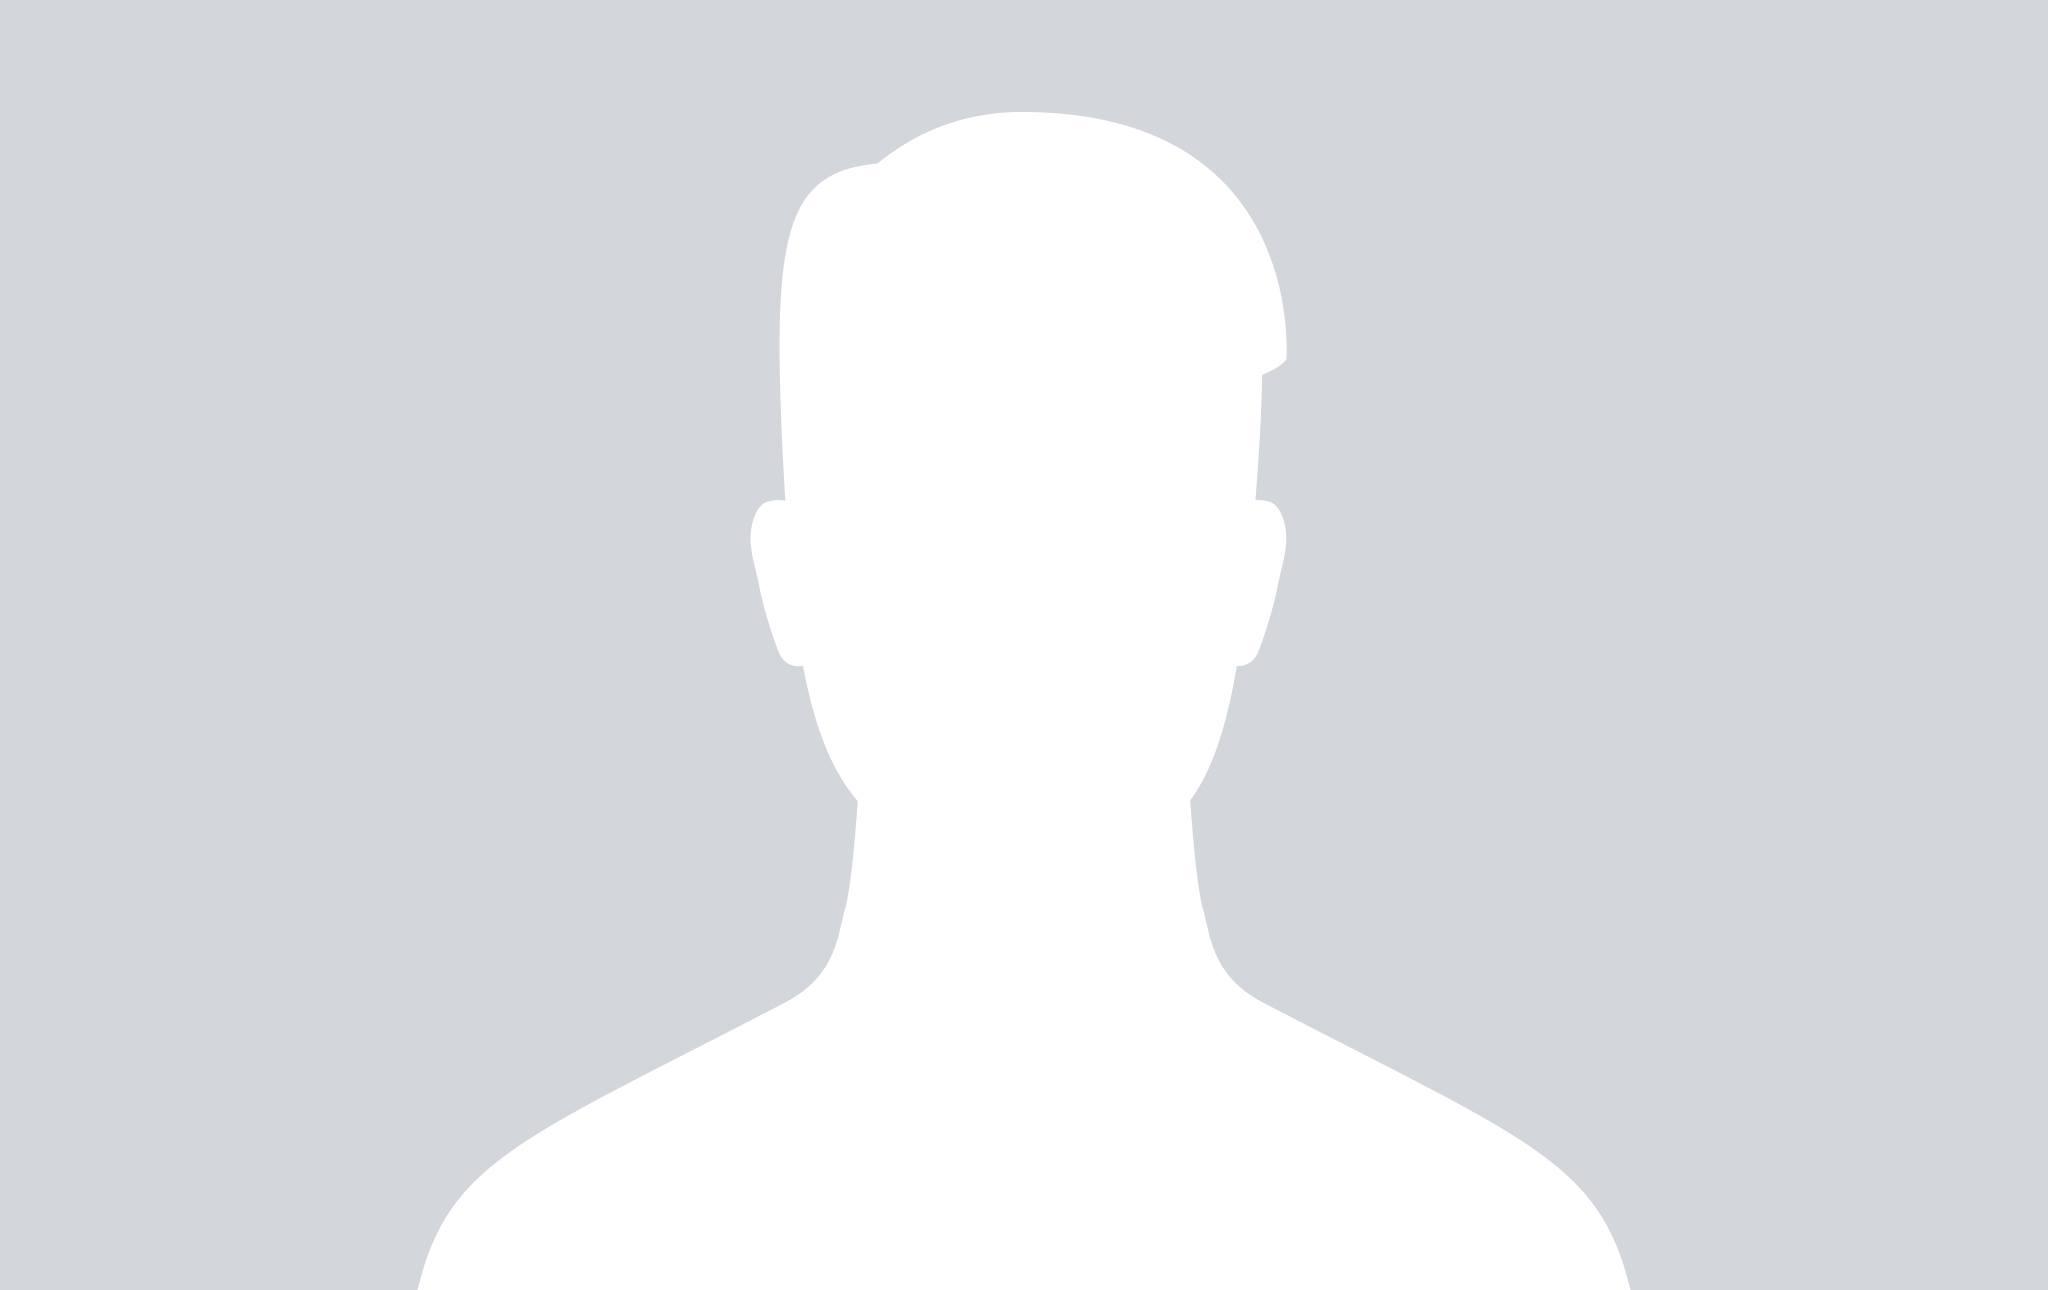 https://d2yht872mhrlra.cloudfront.net/user/129244/user_129244.jpg